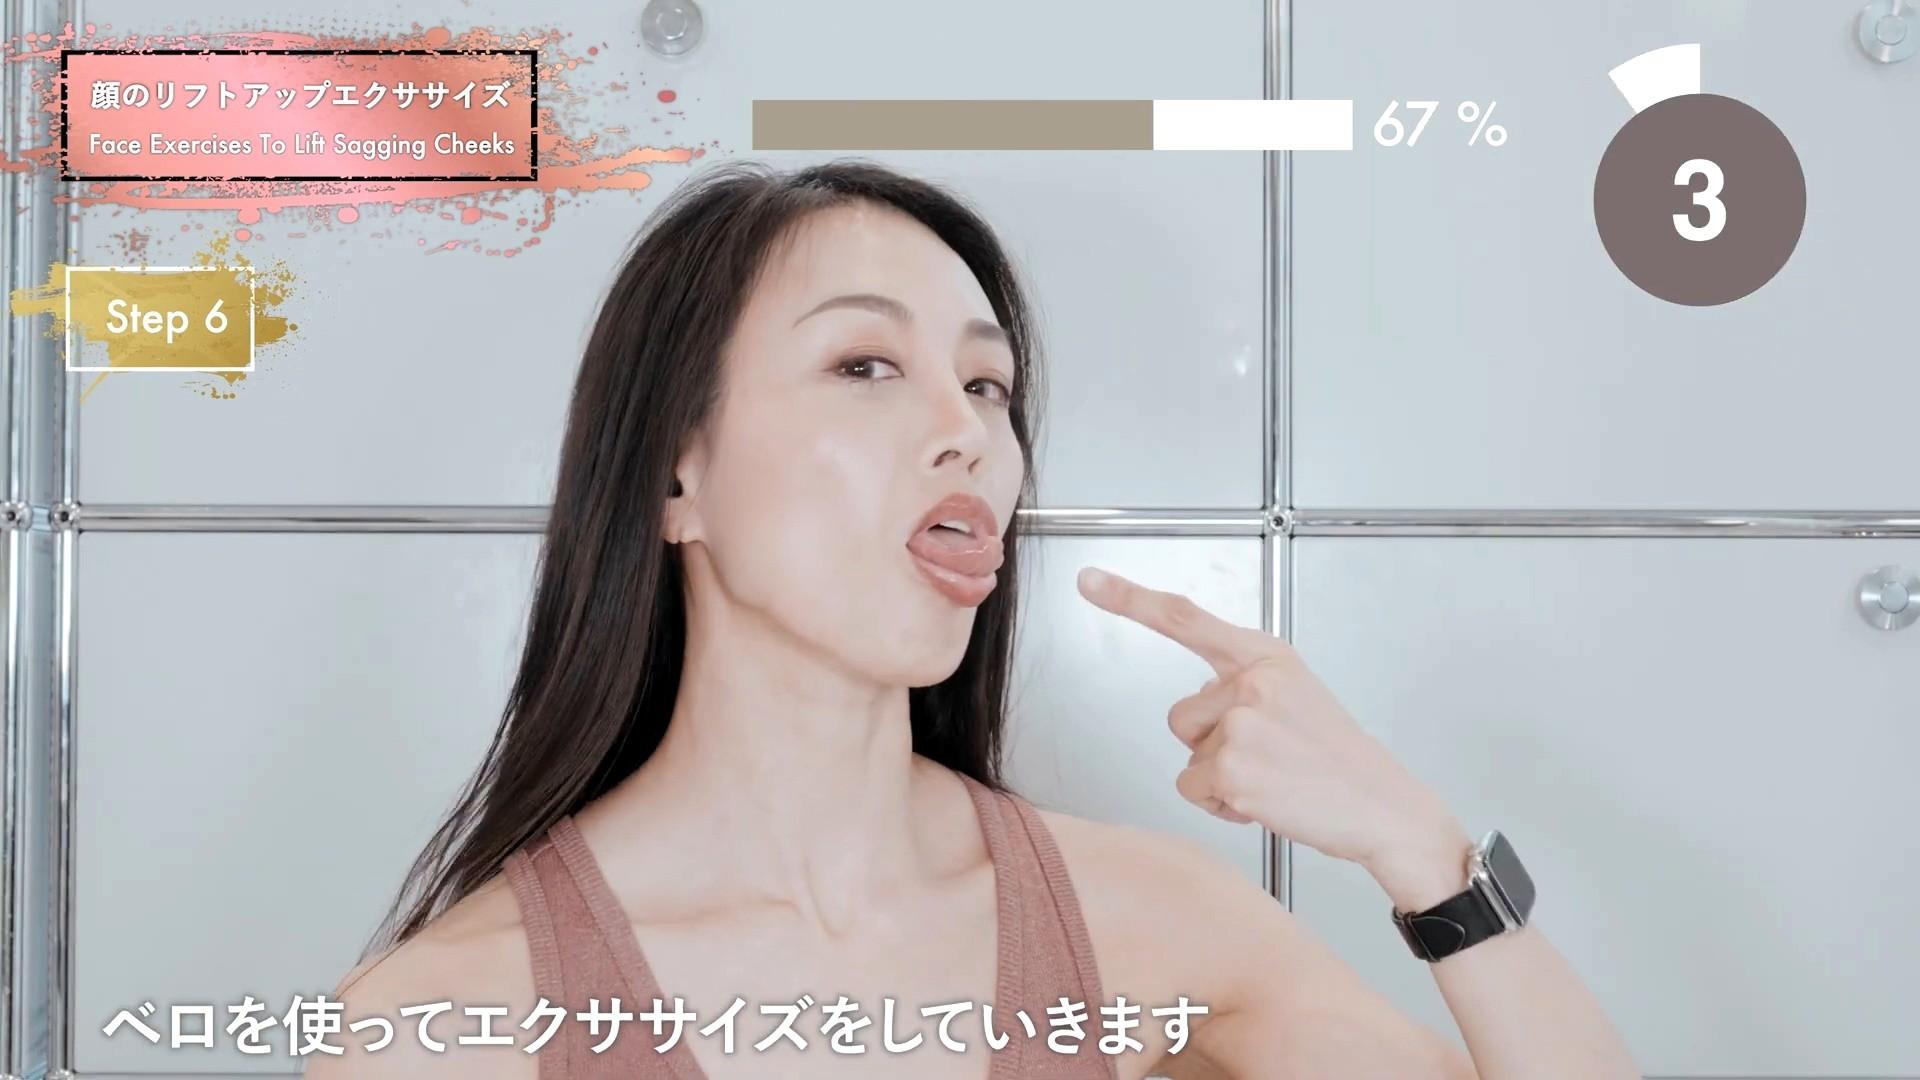 四十路美魔女の腋見せ舌トレ (2)